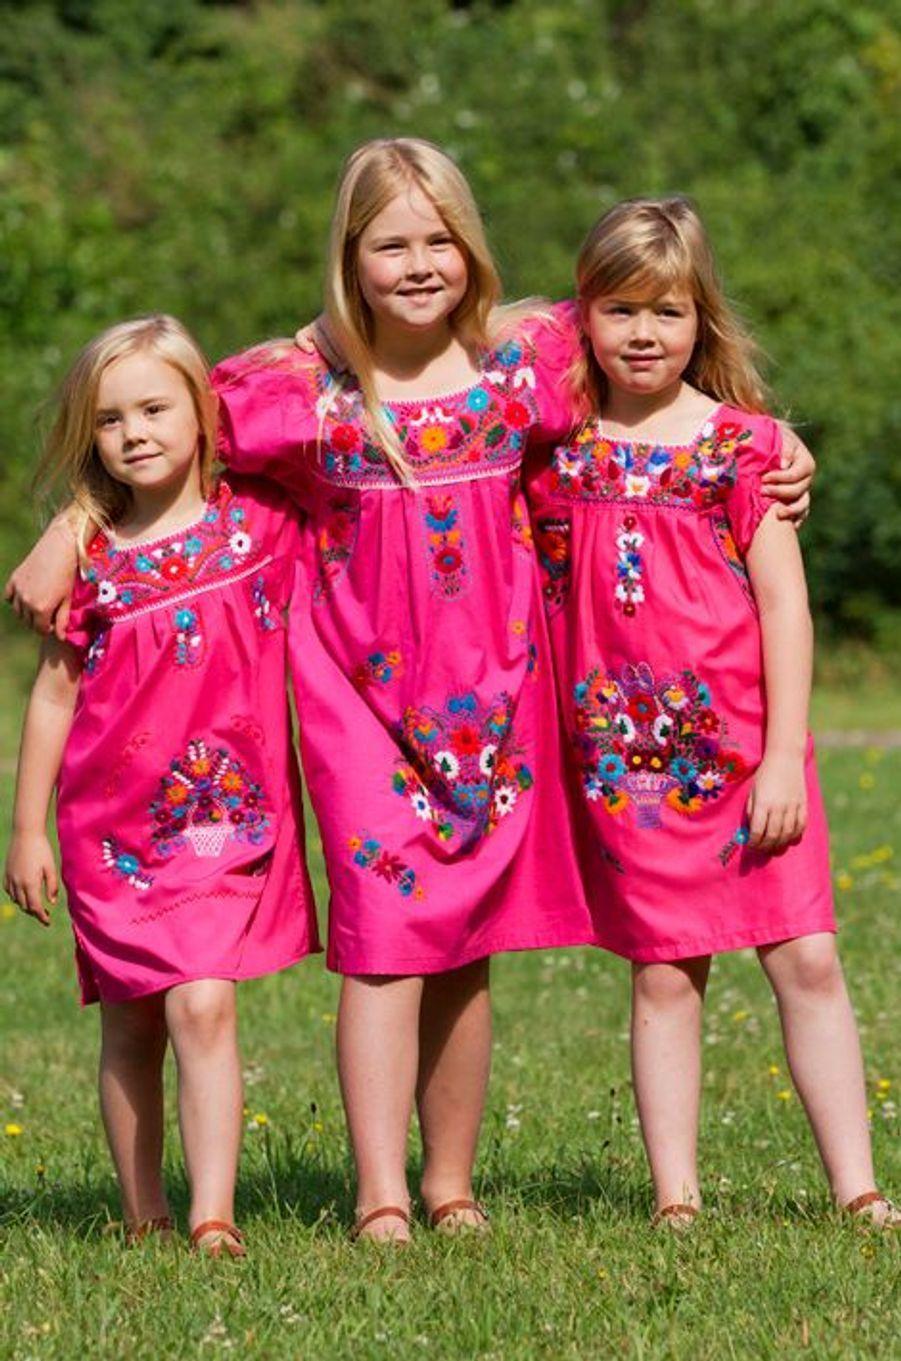 La princesse Ariane des Pays-Bas avec ses soeurs aînées, le 7 juillet 2012